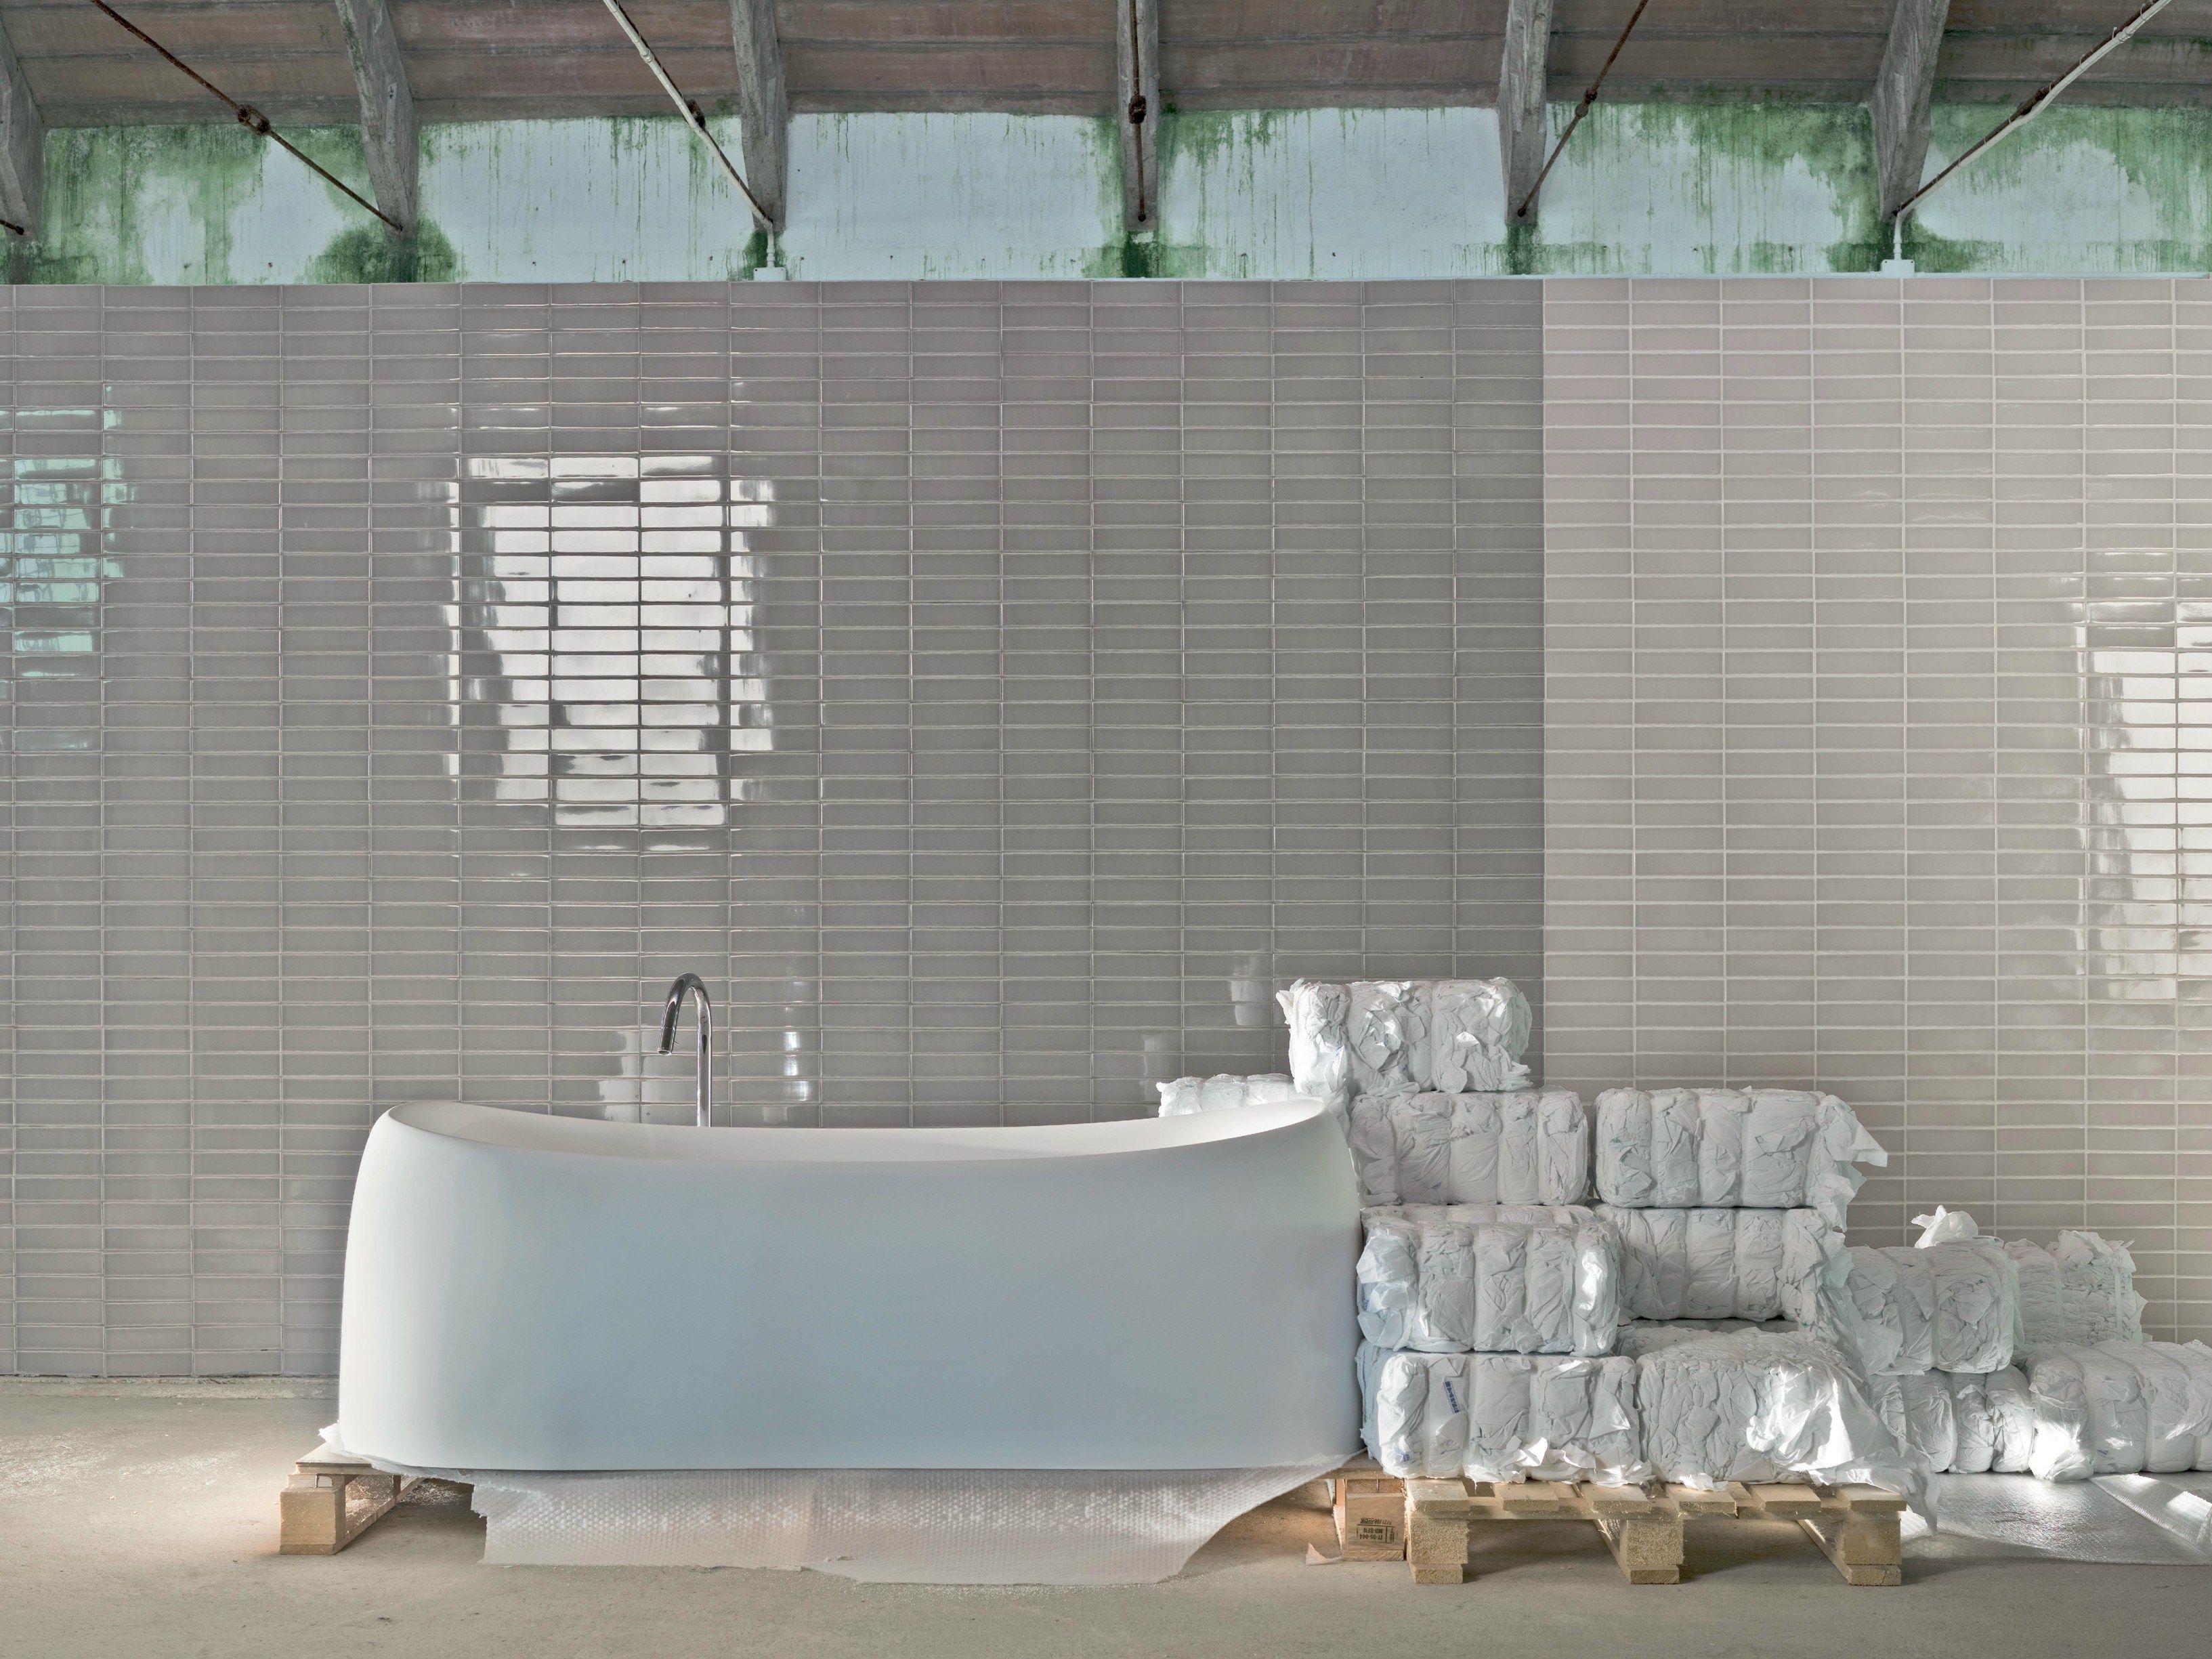 Revestimiento de pared de materiales cer micos para for Ceramica para revestir paredes